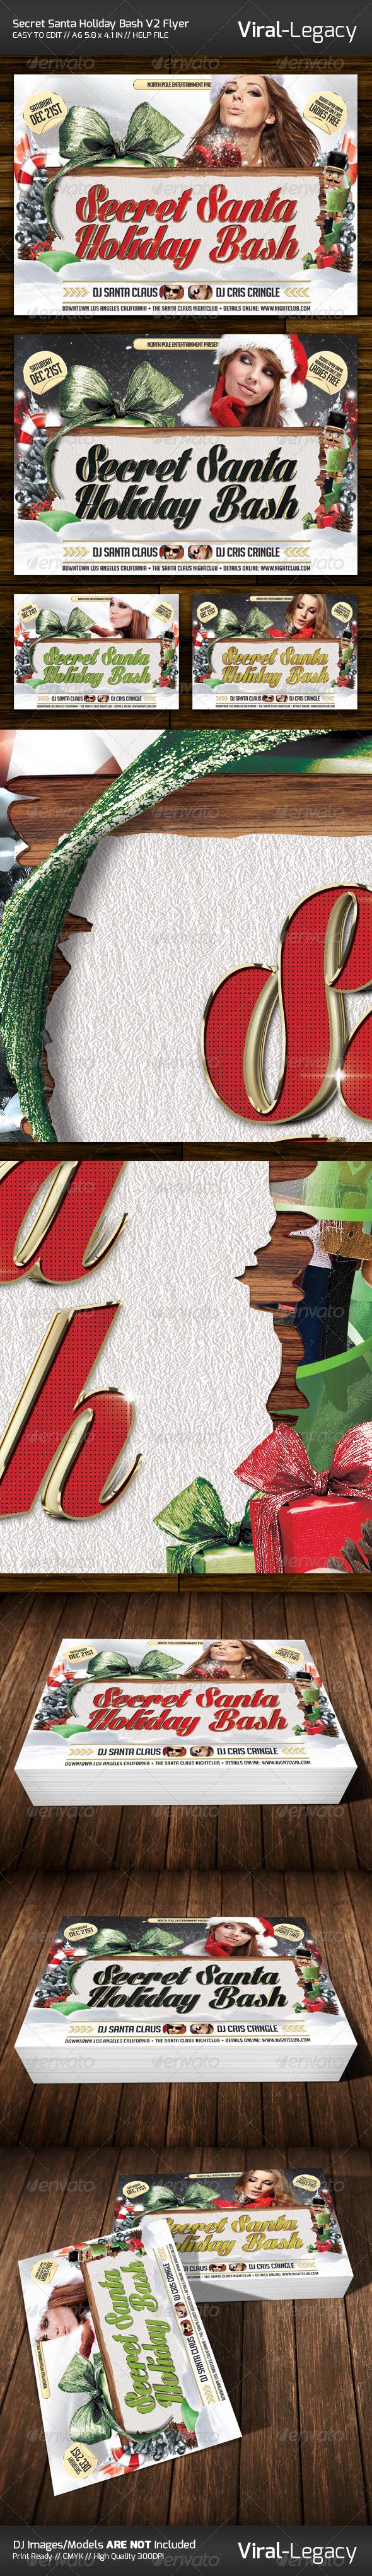 GraphicRiver Secret Santa Holiday Bash V2 Flyer 6146255